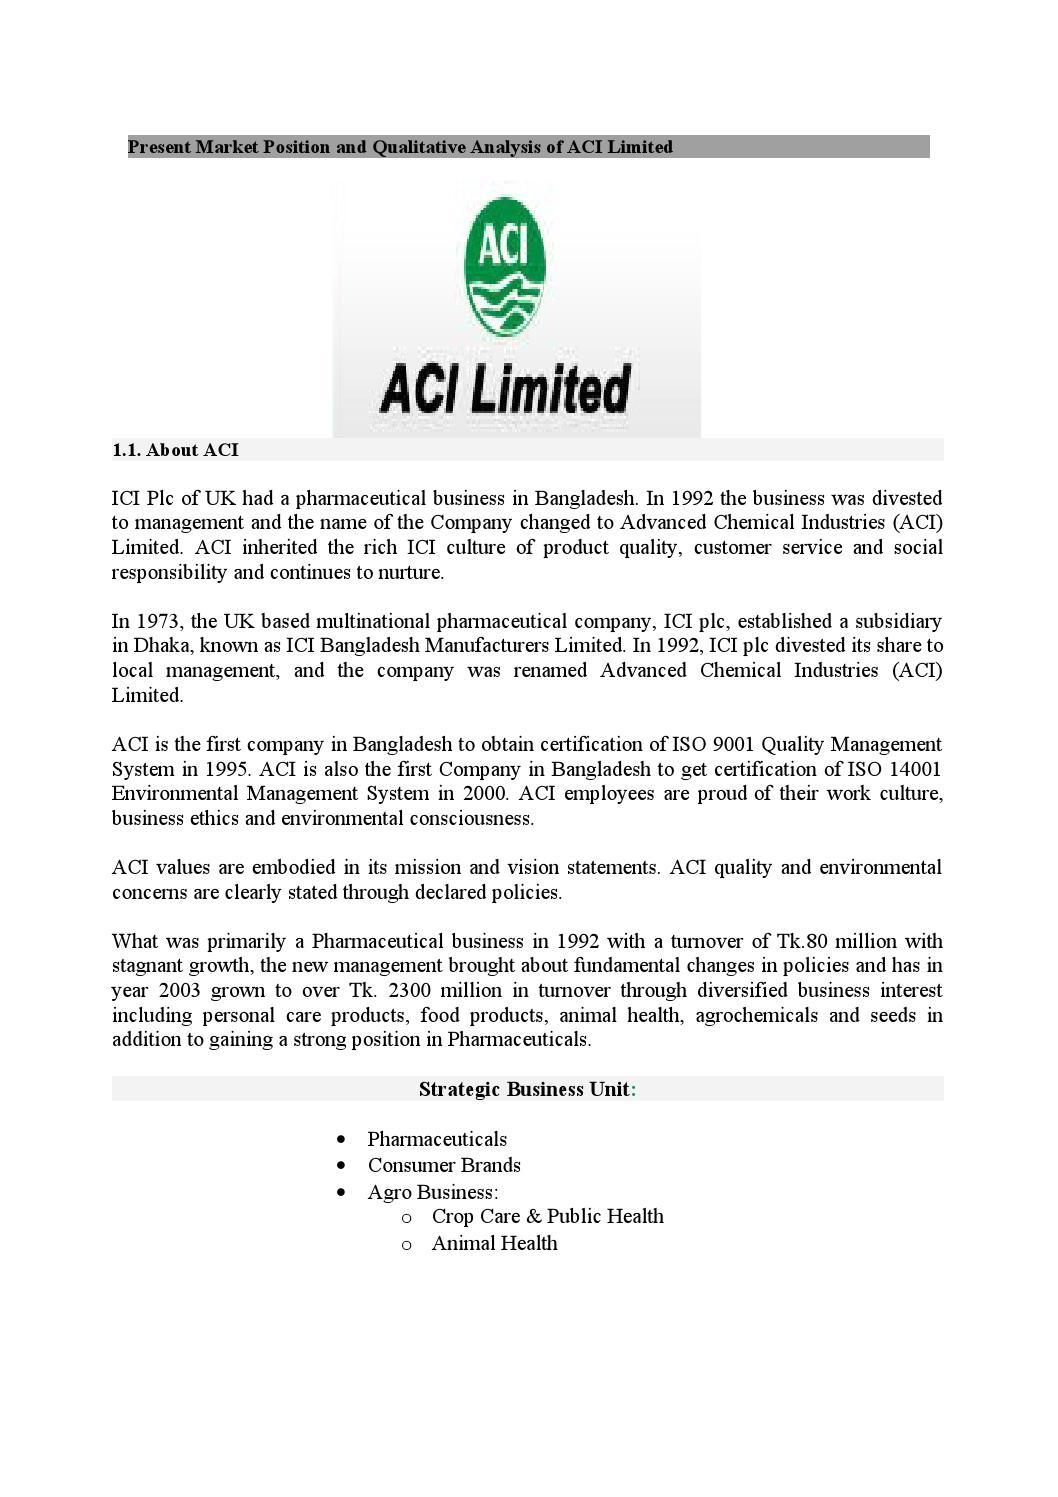 Present market position and qualitative analysis of aci limited by present market position and qualitative analysis of aci limited by md papon issuu xflitez Images